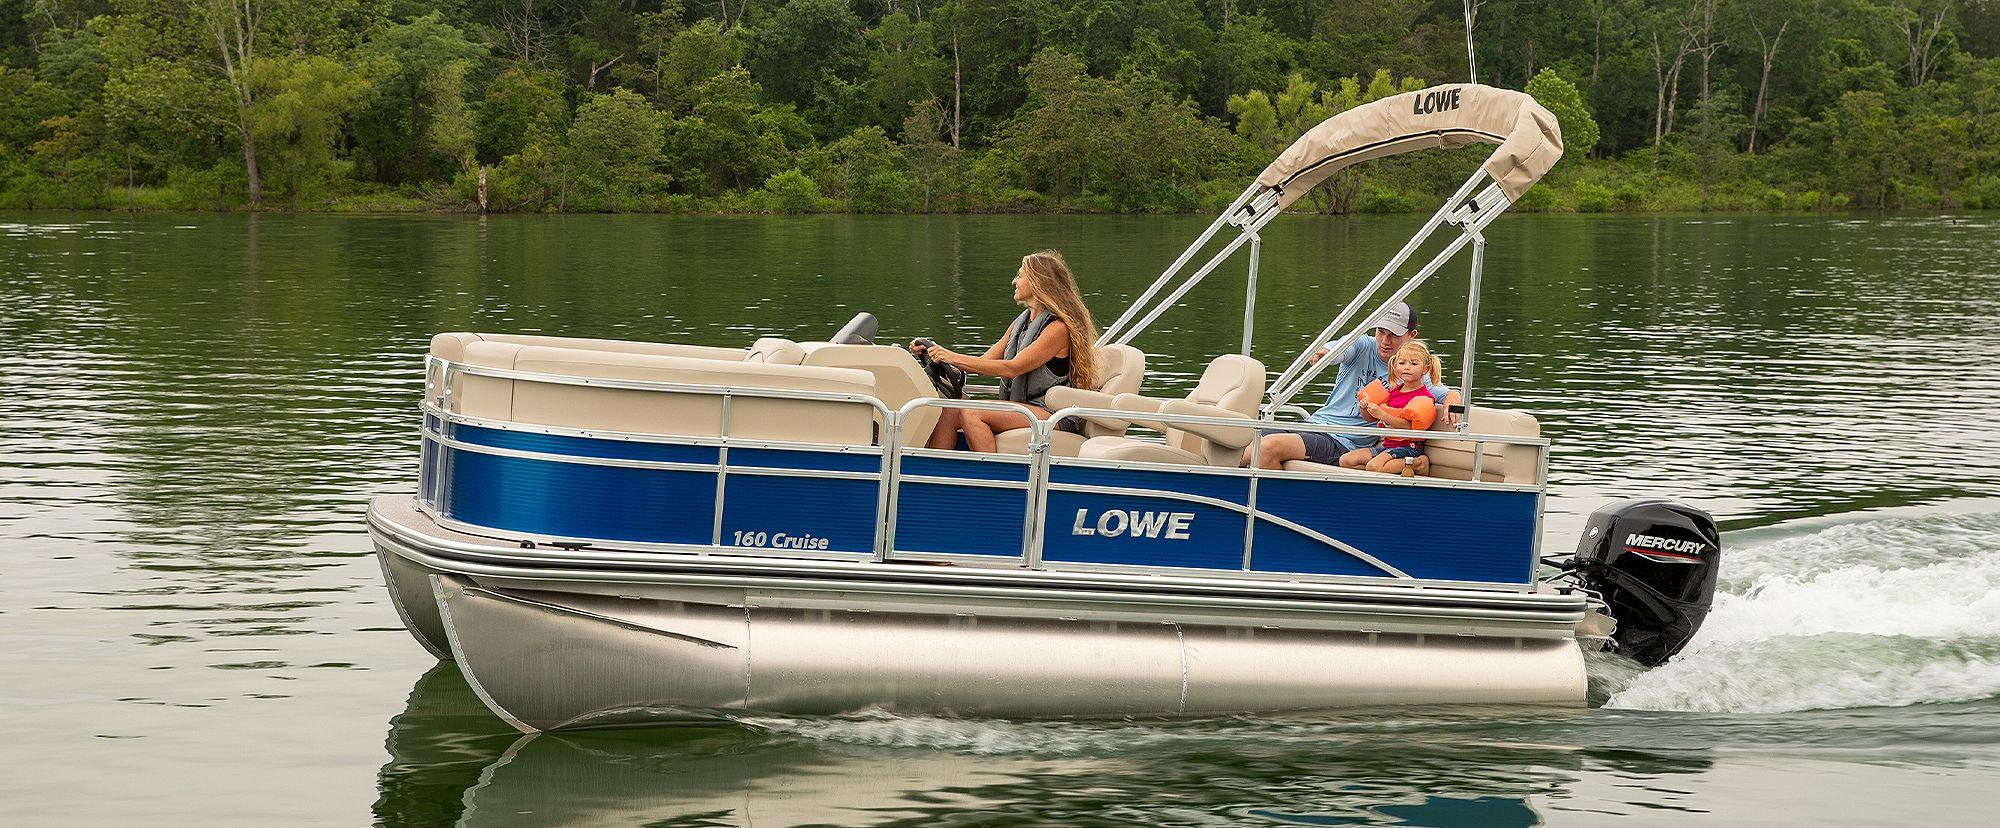 Lowe Boats UC160 Hero Image